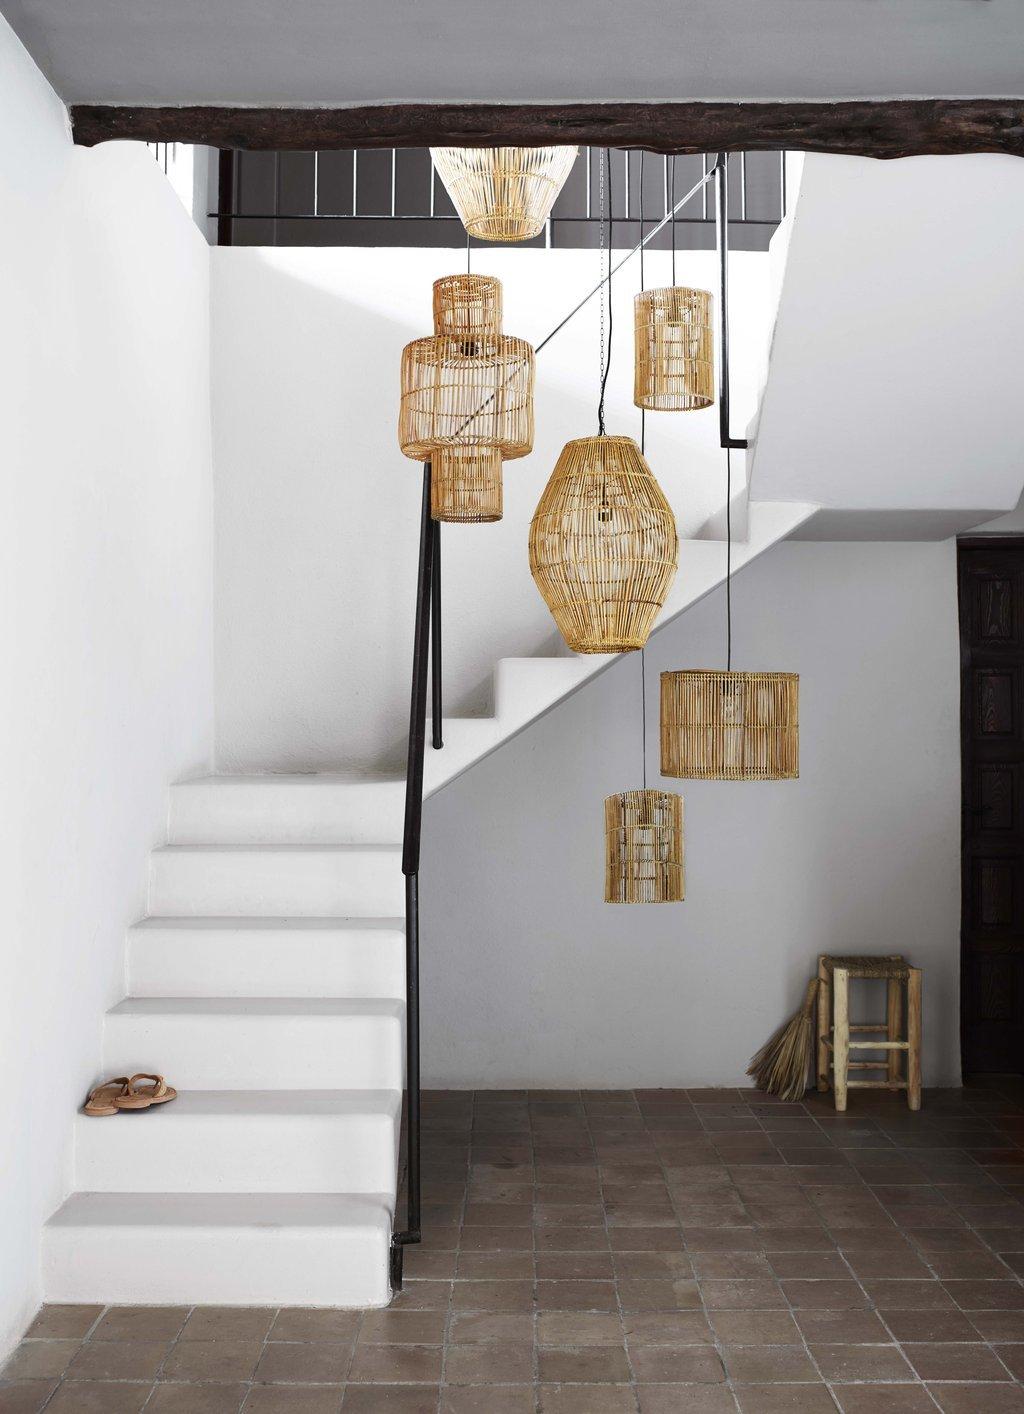 Decoración lámparas ratán boho madera bambú